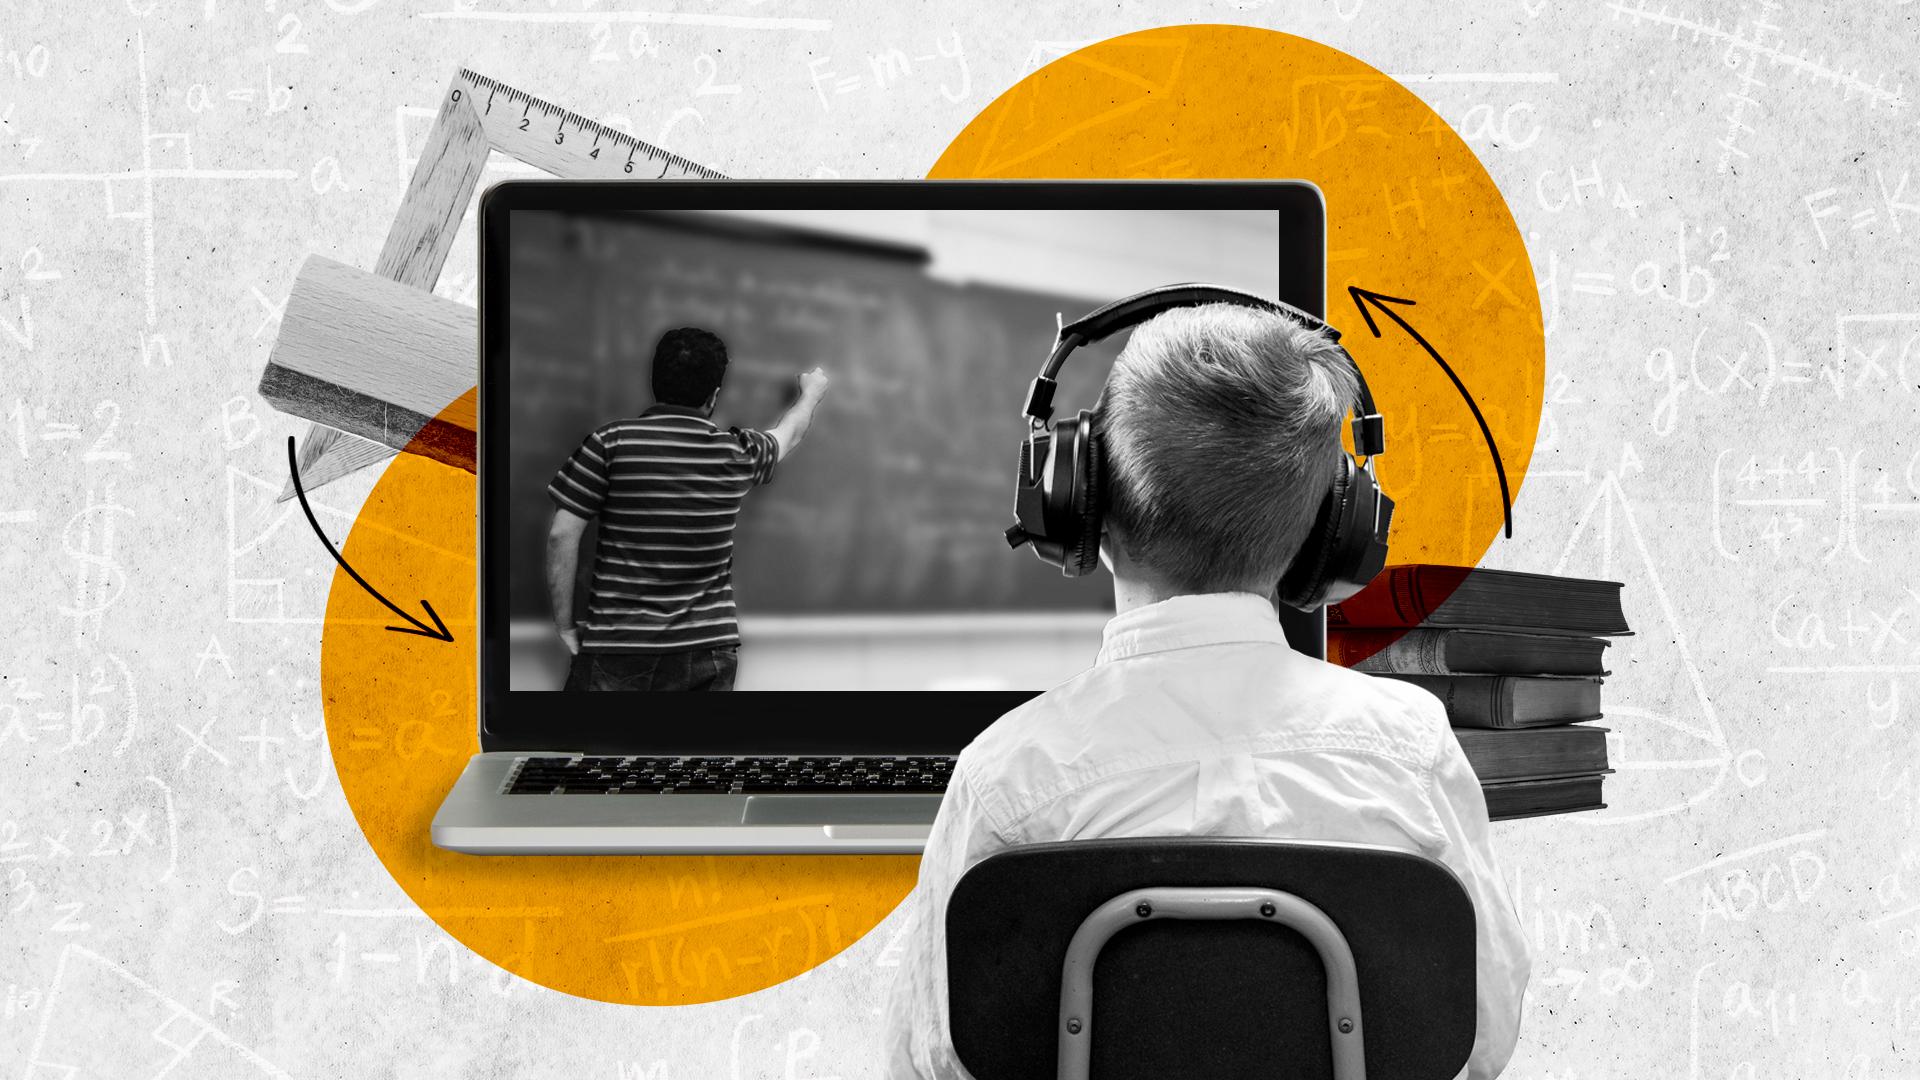 Educación digital: cómo pasar de la emergencia a mejorar la vida de los y las estudiantes